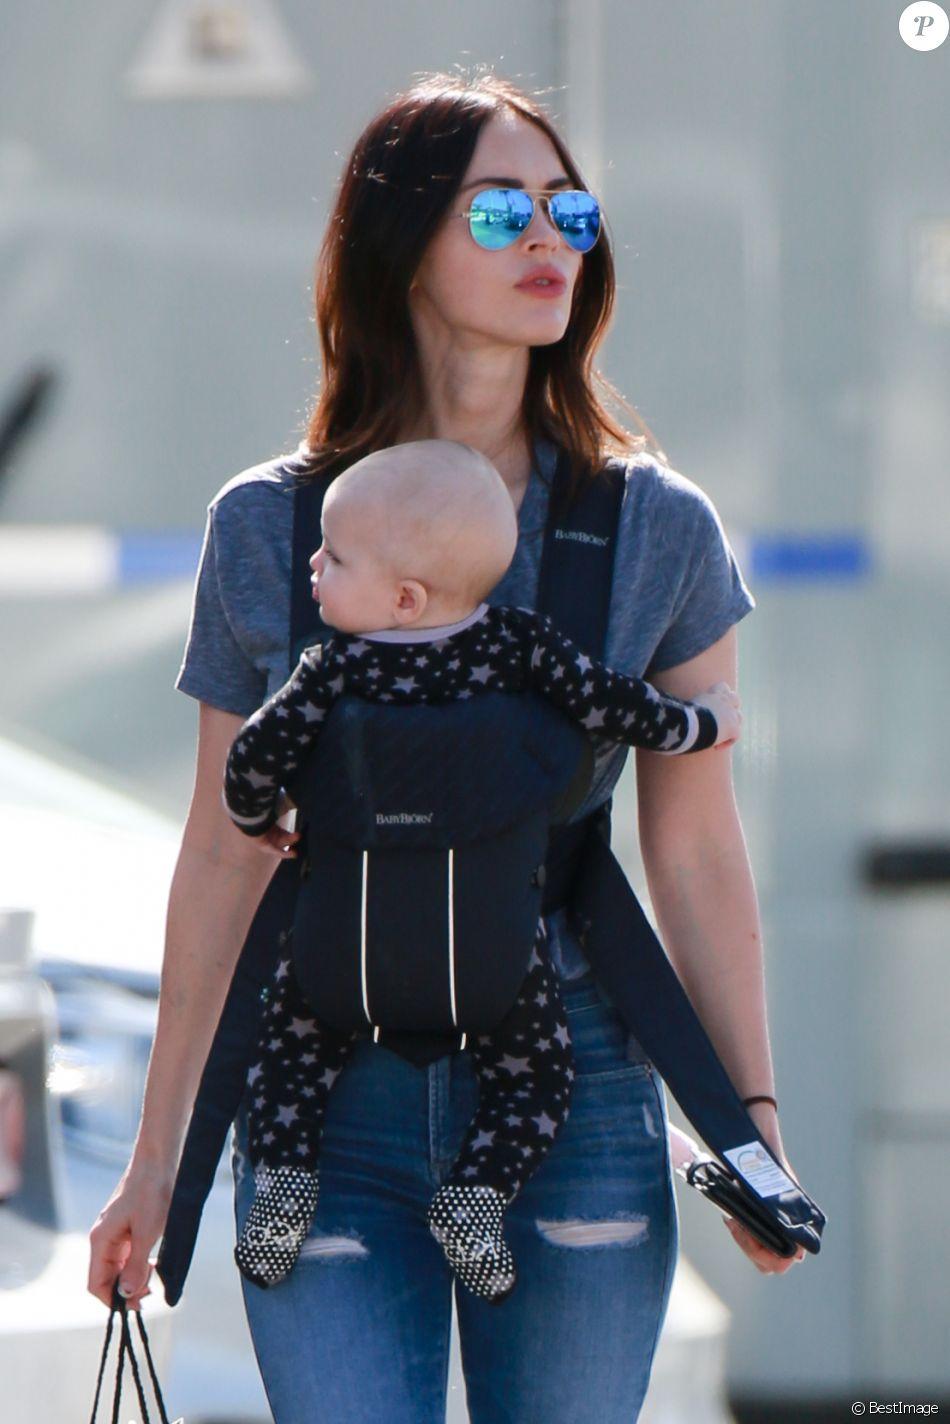 Exclusif - Megan Fox fait du shopping avec son fils Journey River Green chez Sephora dans le quartier de Malibu à Los Angeles, le 13 février 2017. © CPA/Bestimage -